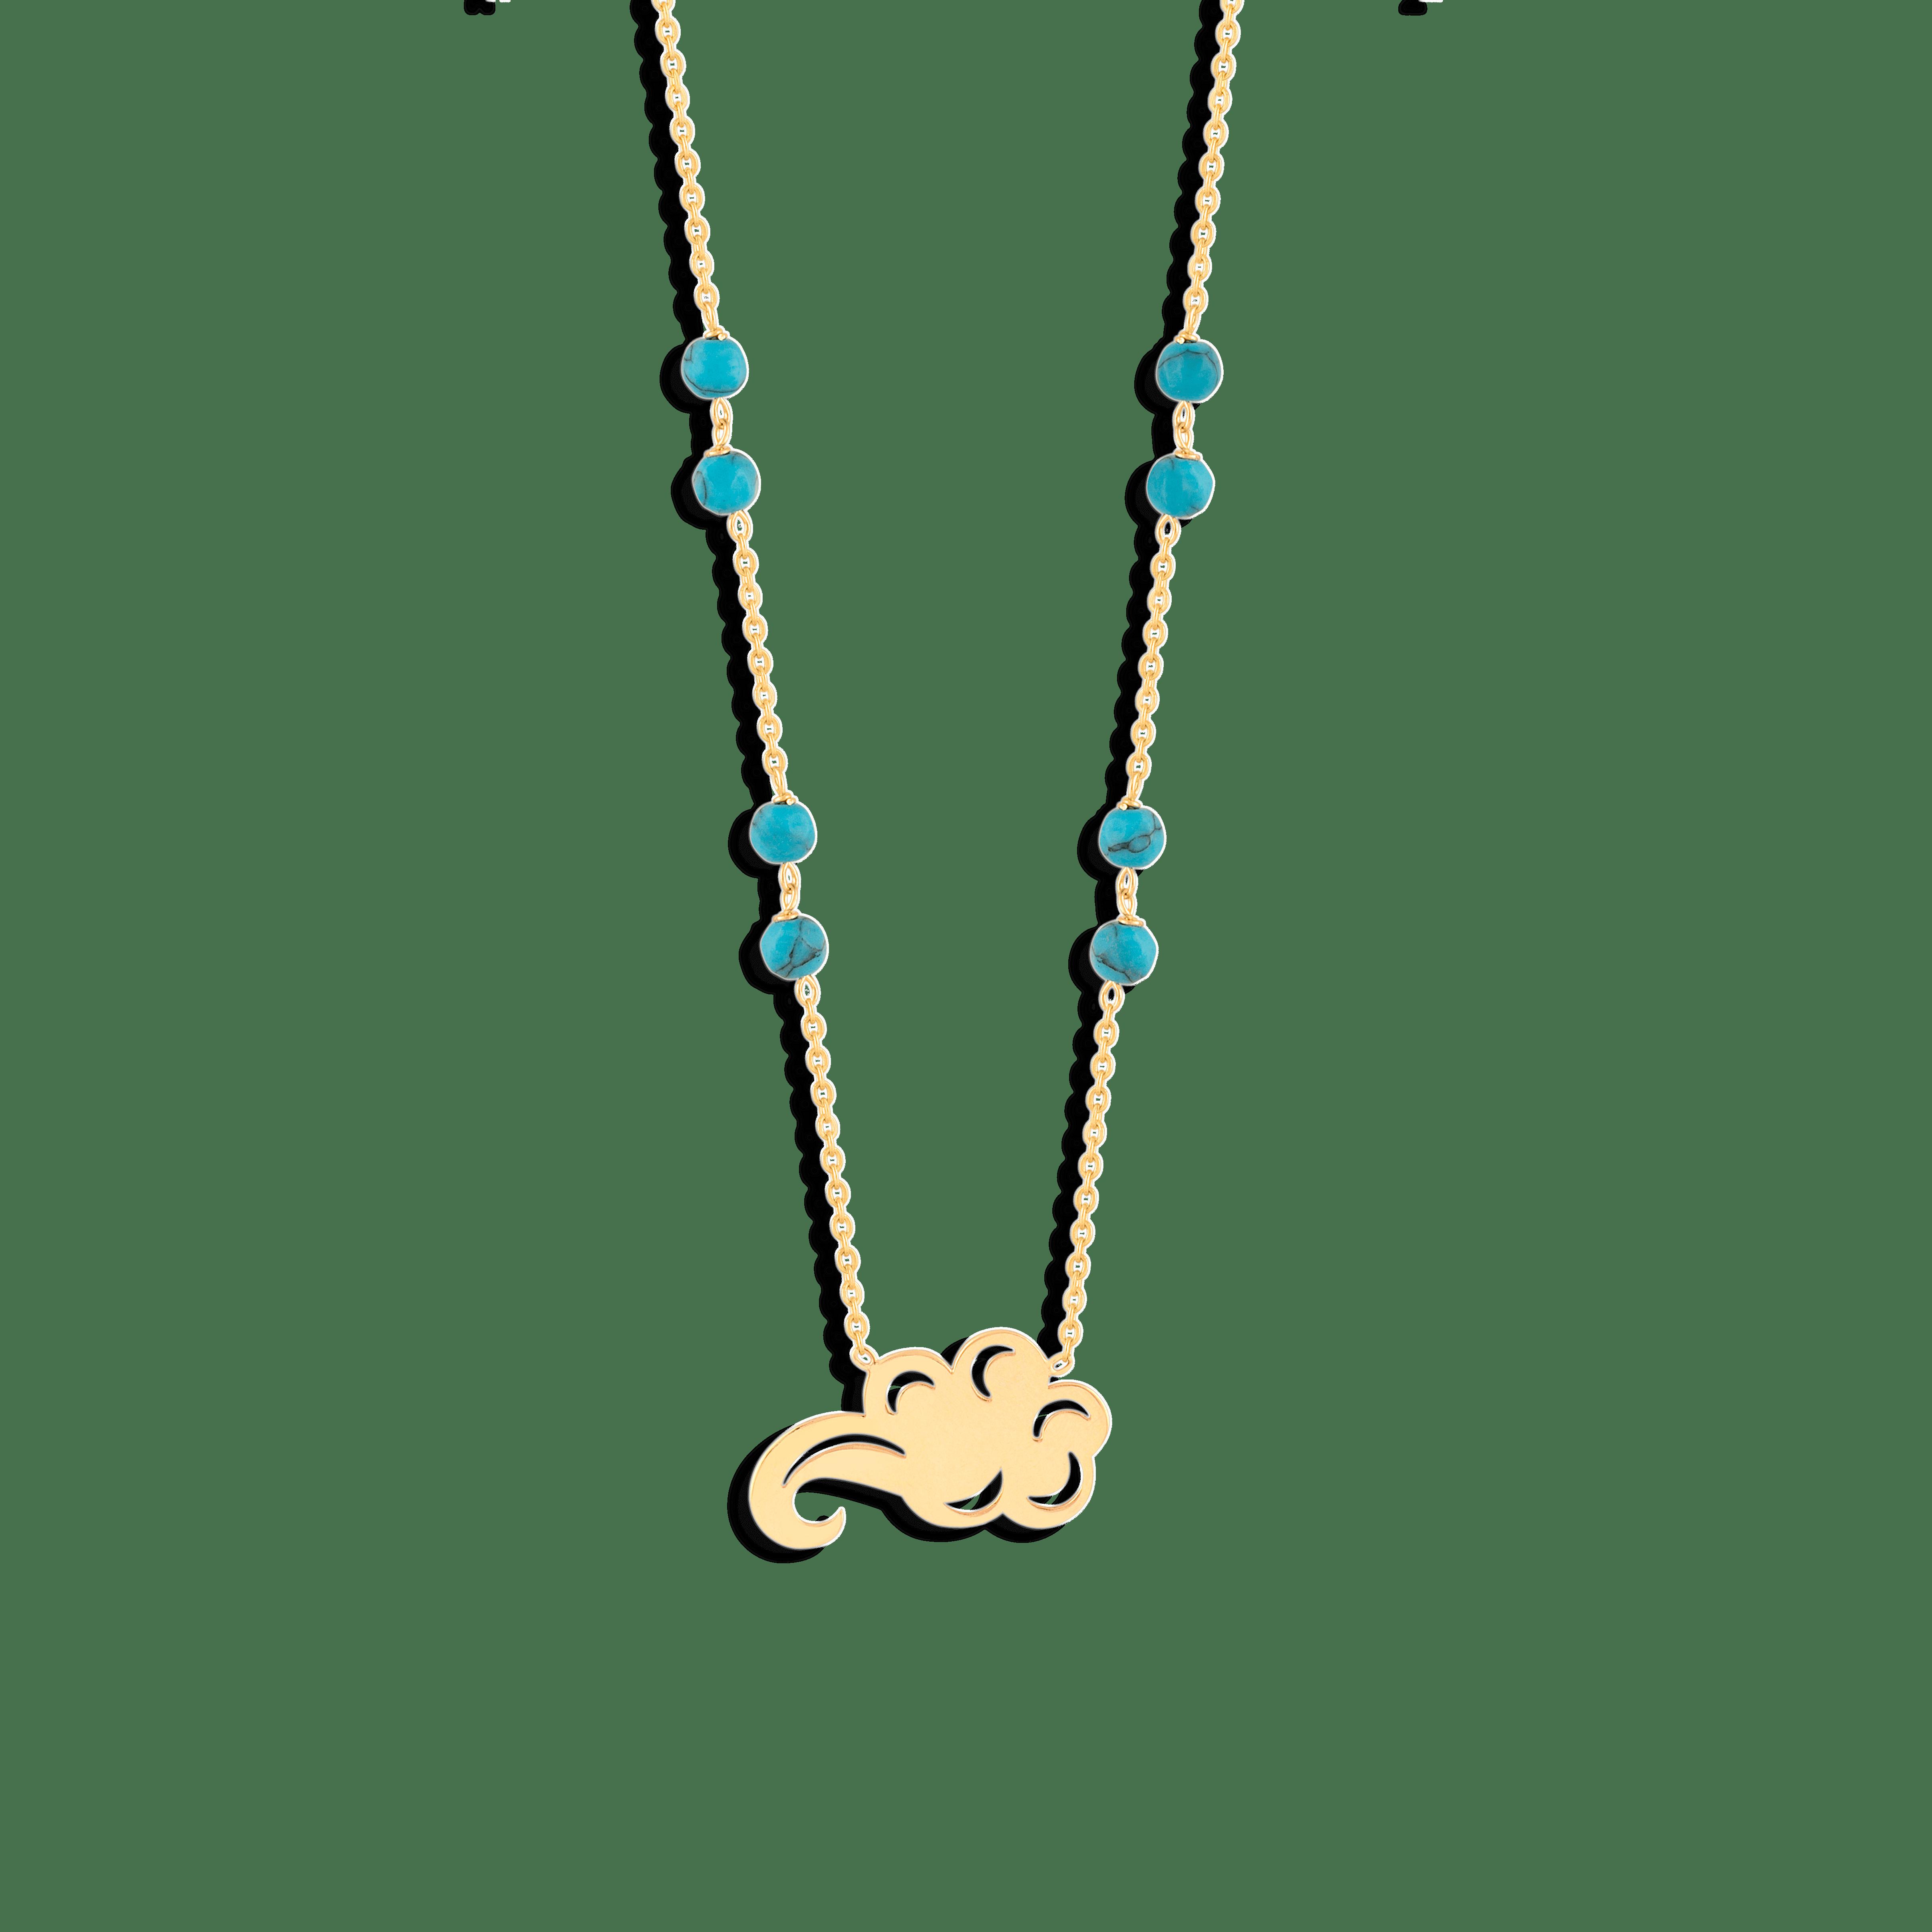 گردنبند طلا ابر